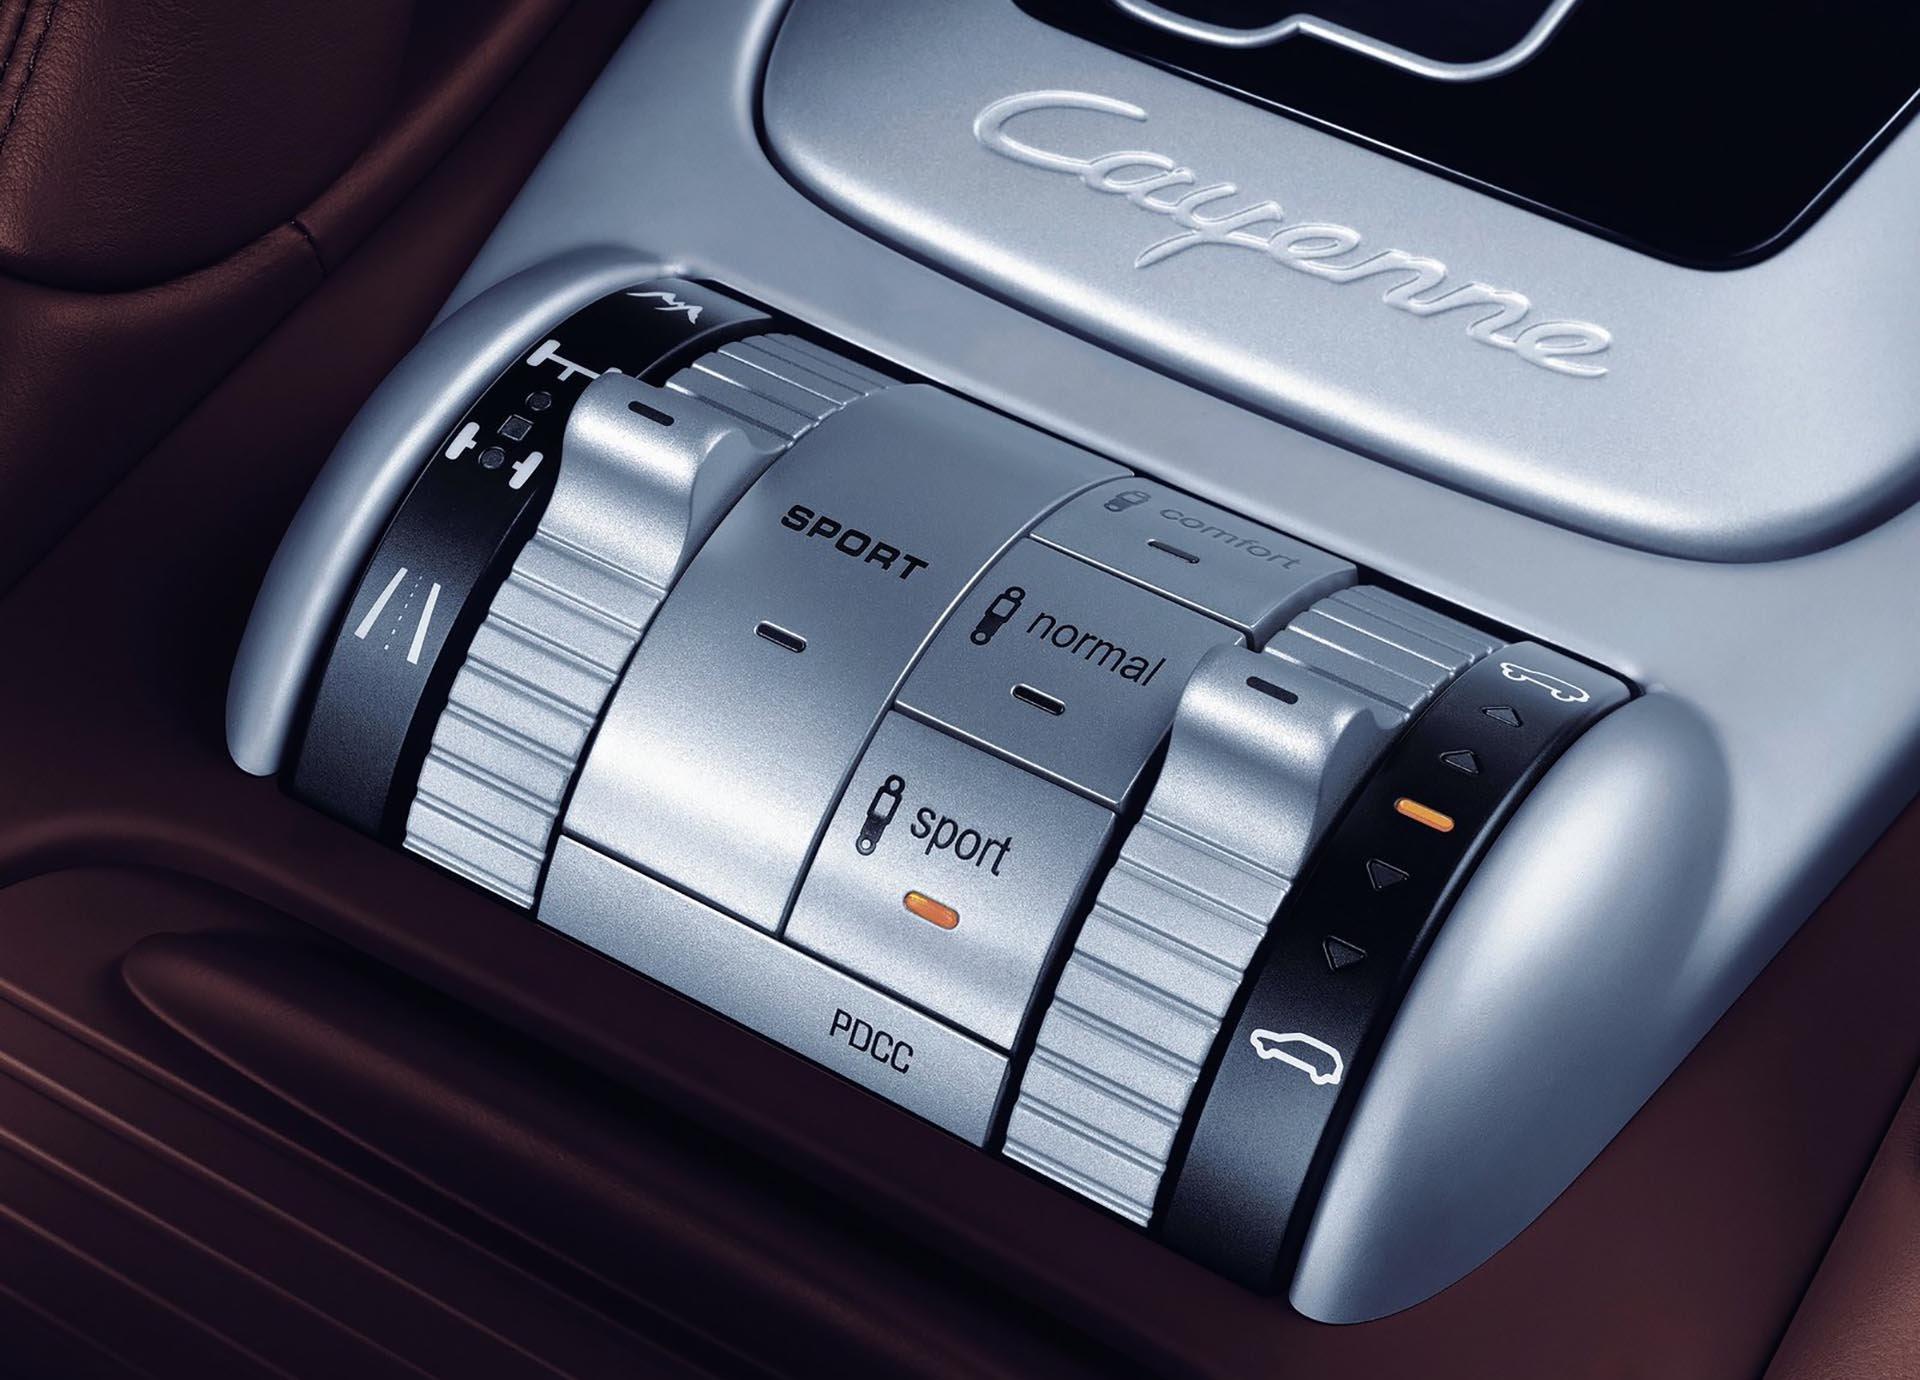 06_957 Porsche Cayenne PDCC 4wd controls